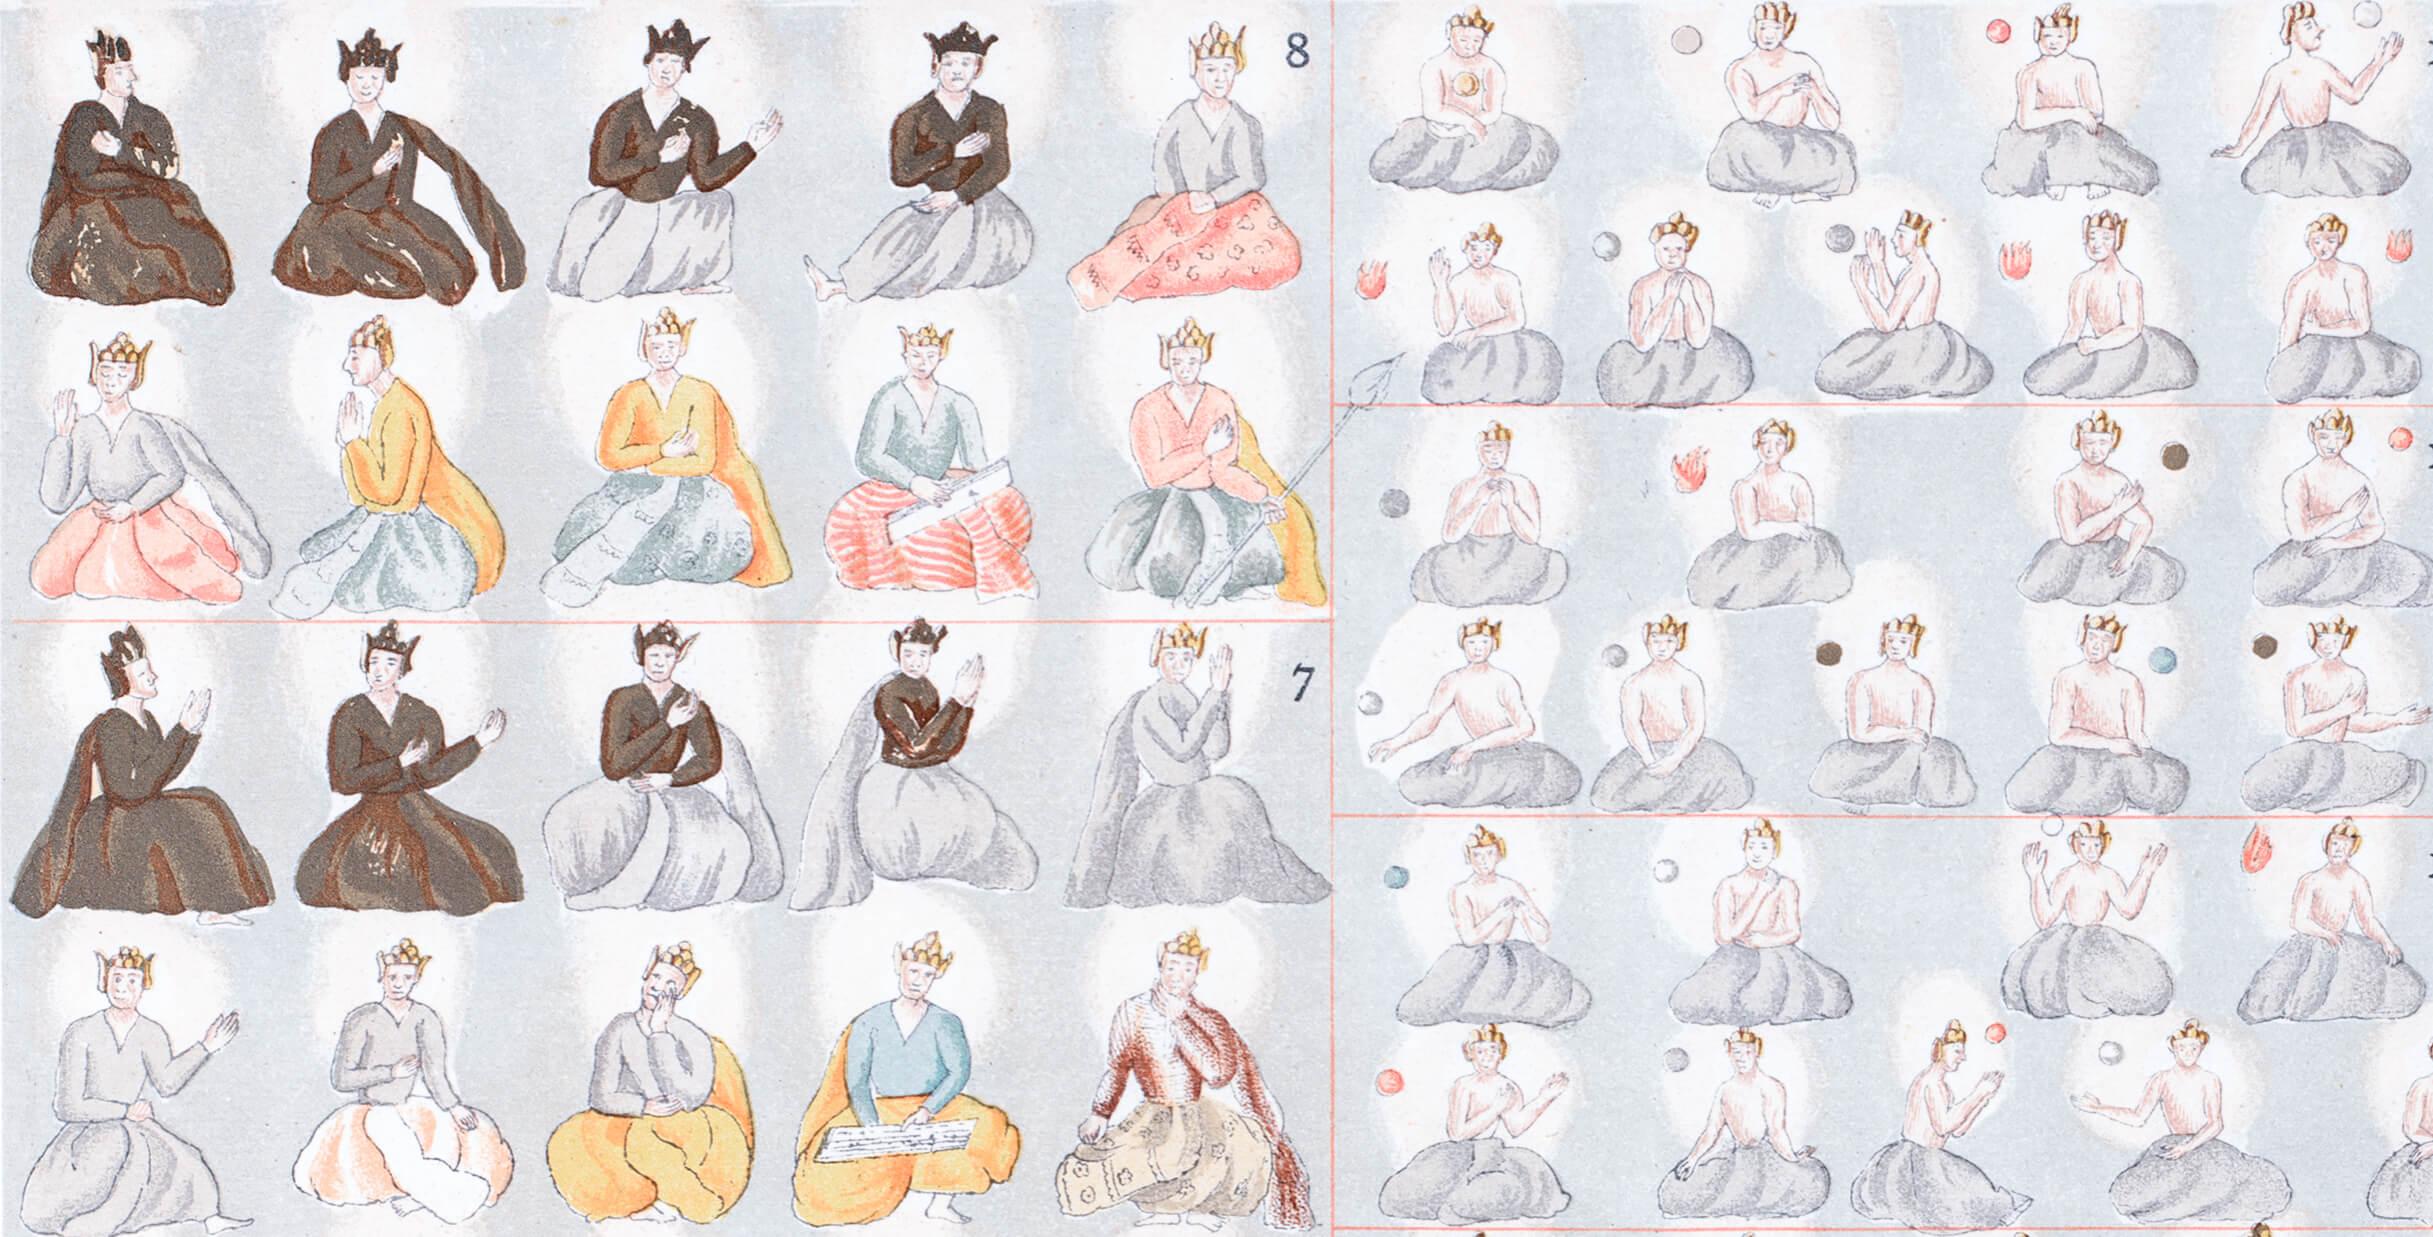 Bild: Illustration von meditierenden Mönchen